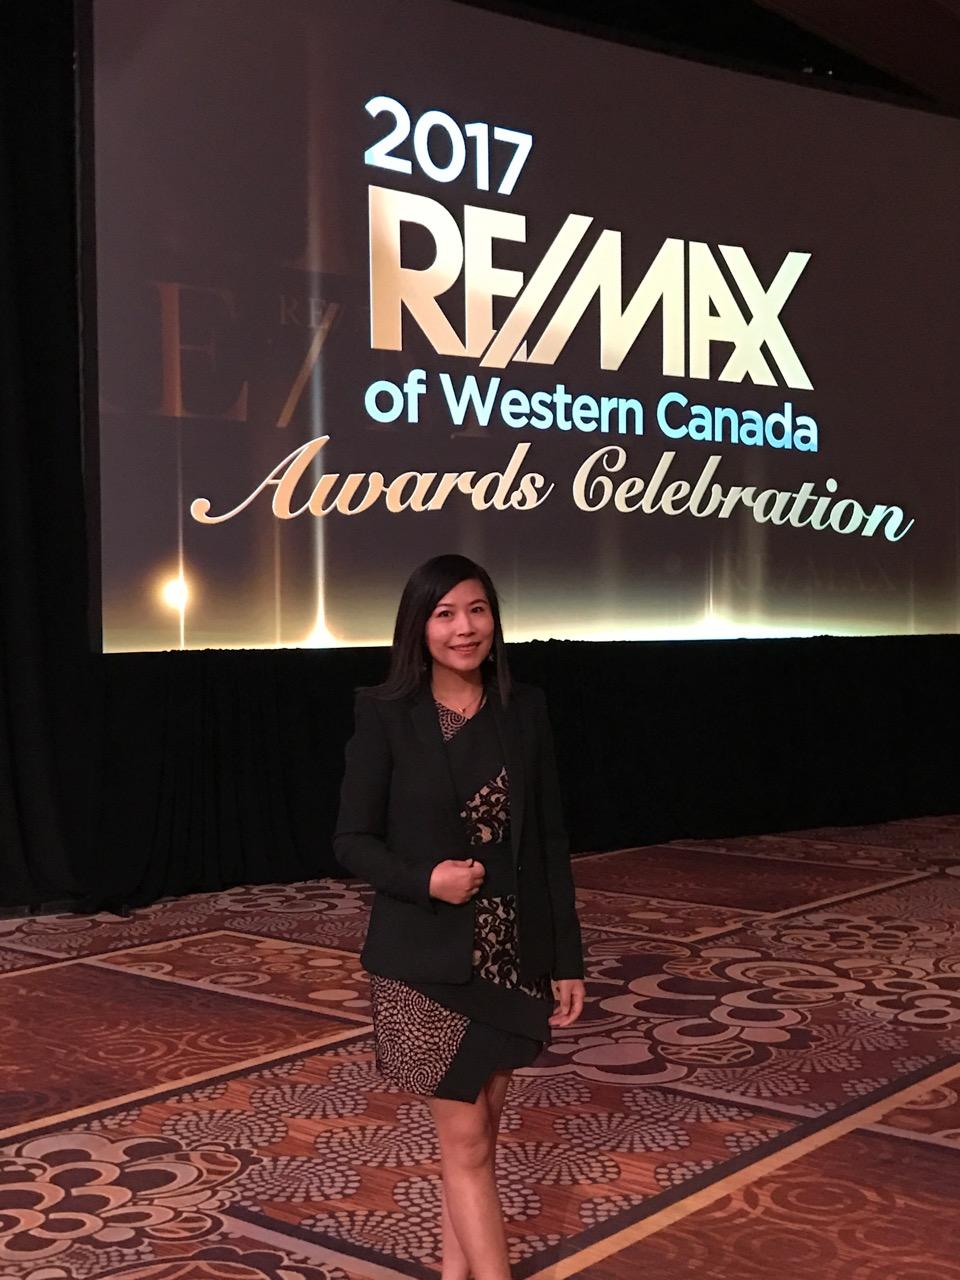 remax awards celebration in las vegas